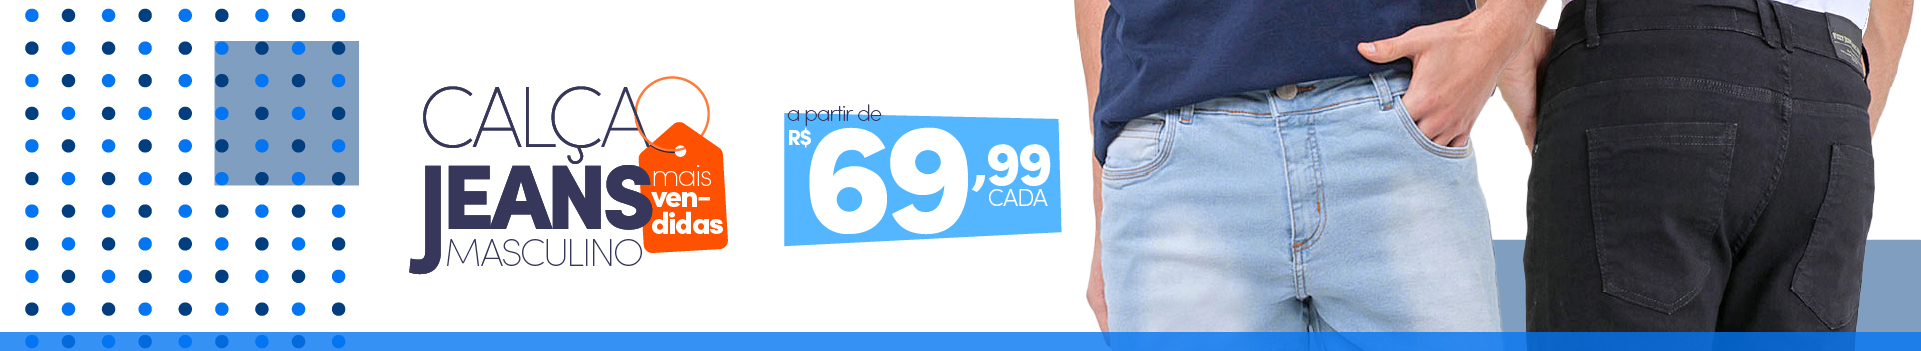 Jeans Mais Vendidos